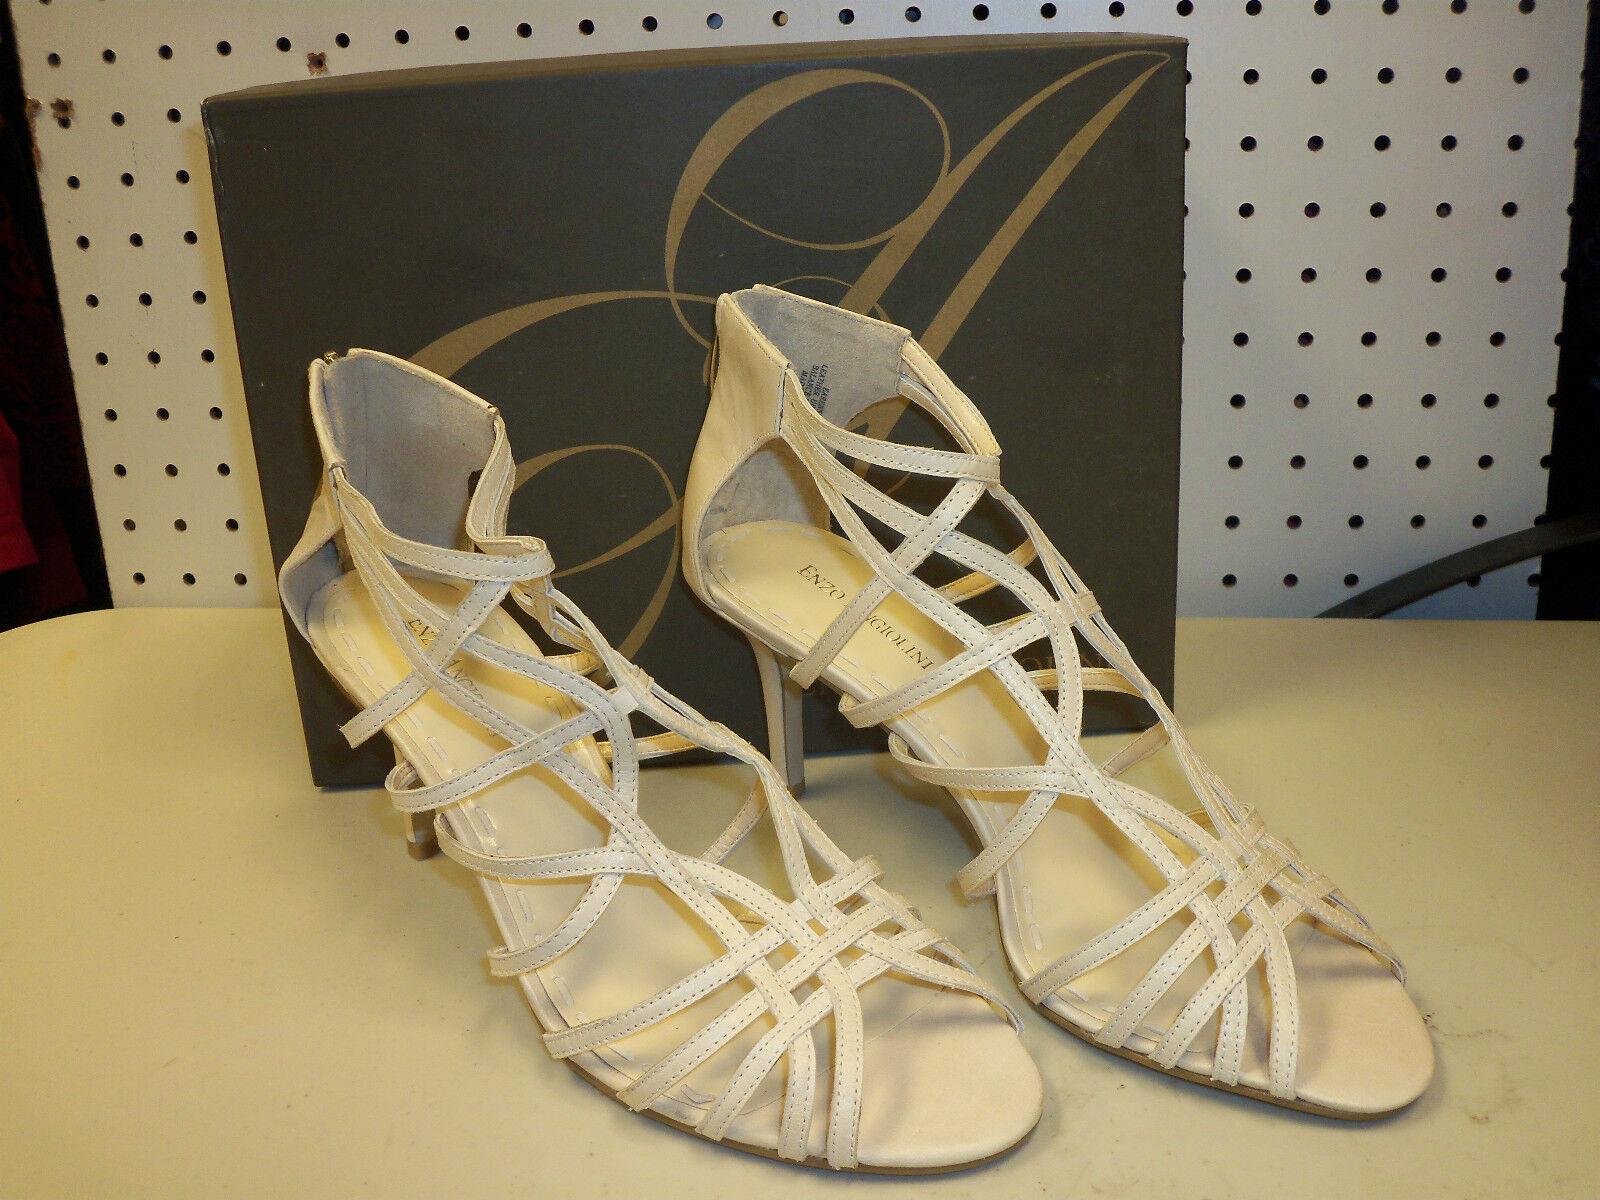 Enzo Angiolini New Heels Damenschuhe Ennes Weiß Strappy Heels New Schuhes 9.5 M ef2efa